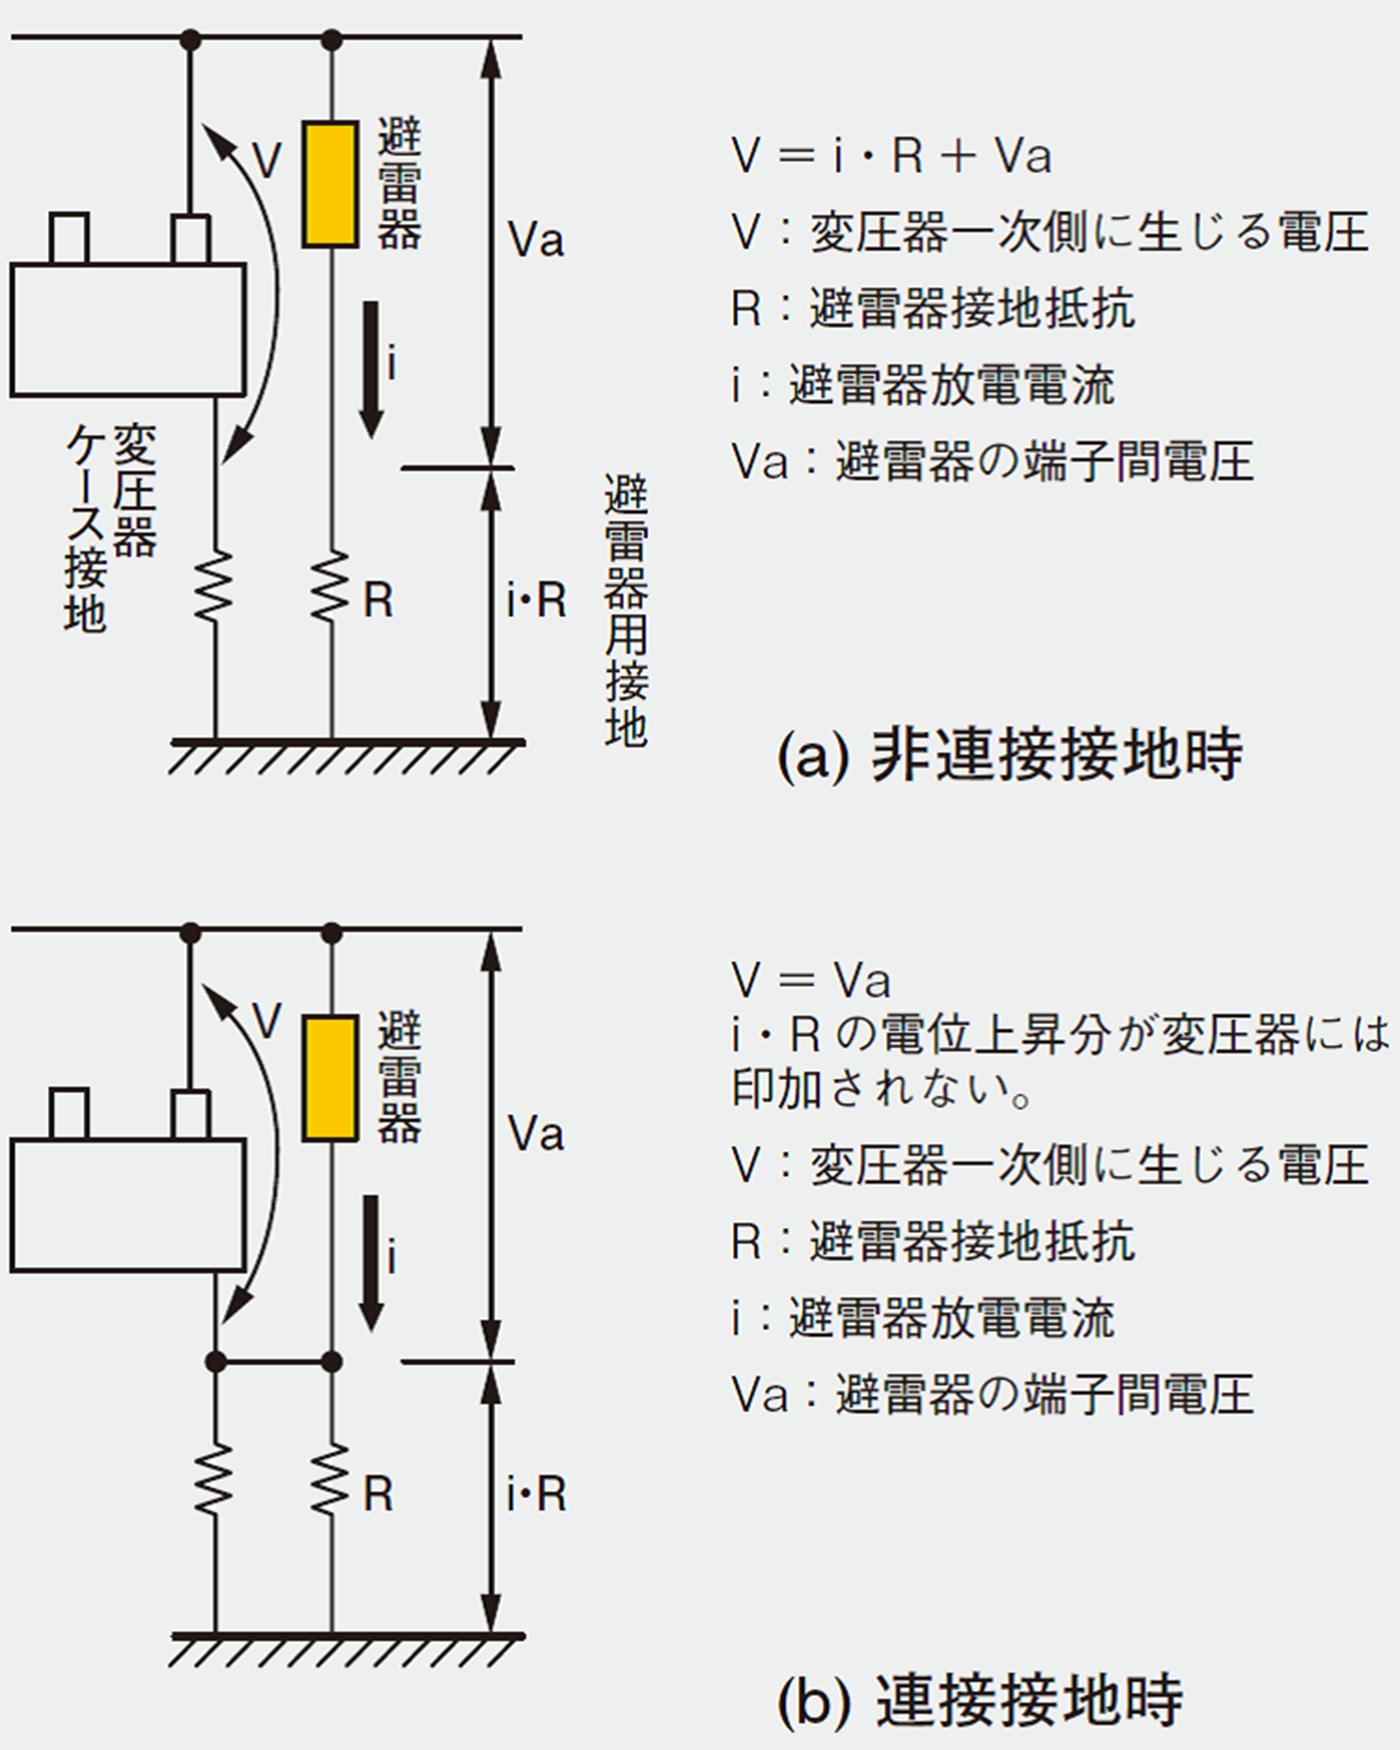 図19 アレスタ接地と機器(B種等)接地の連接